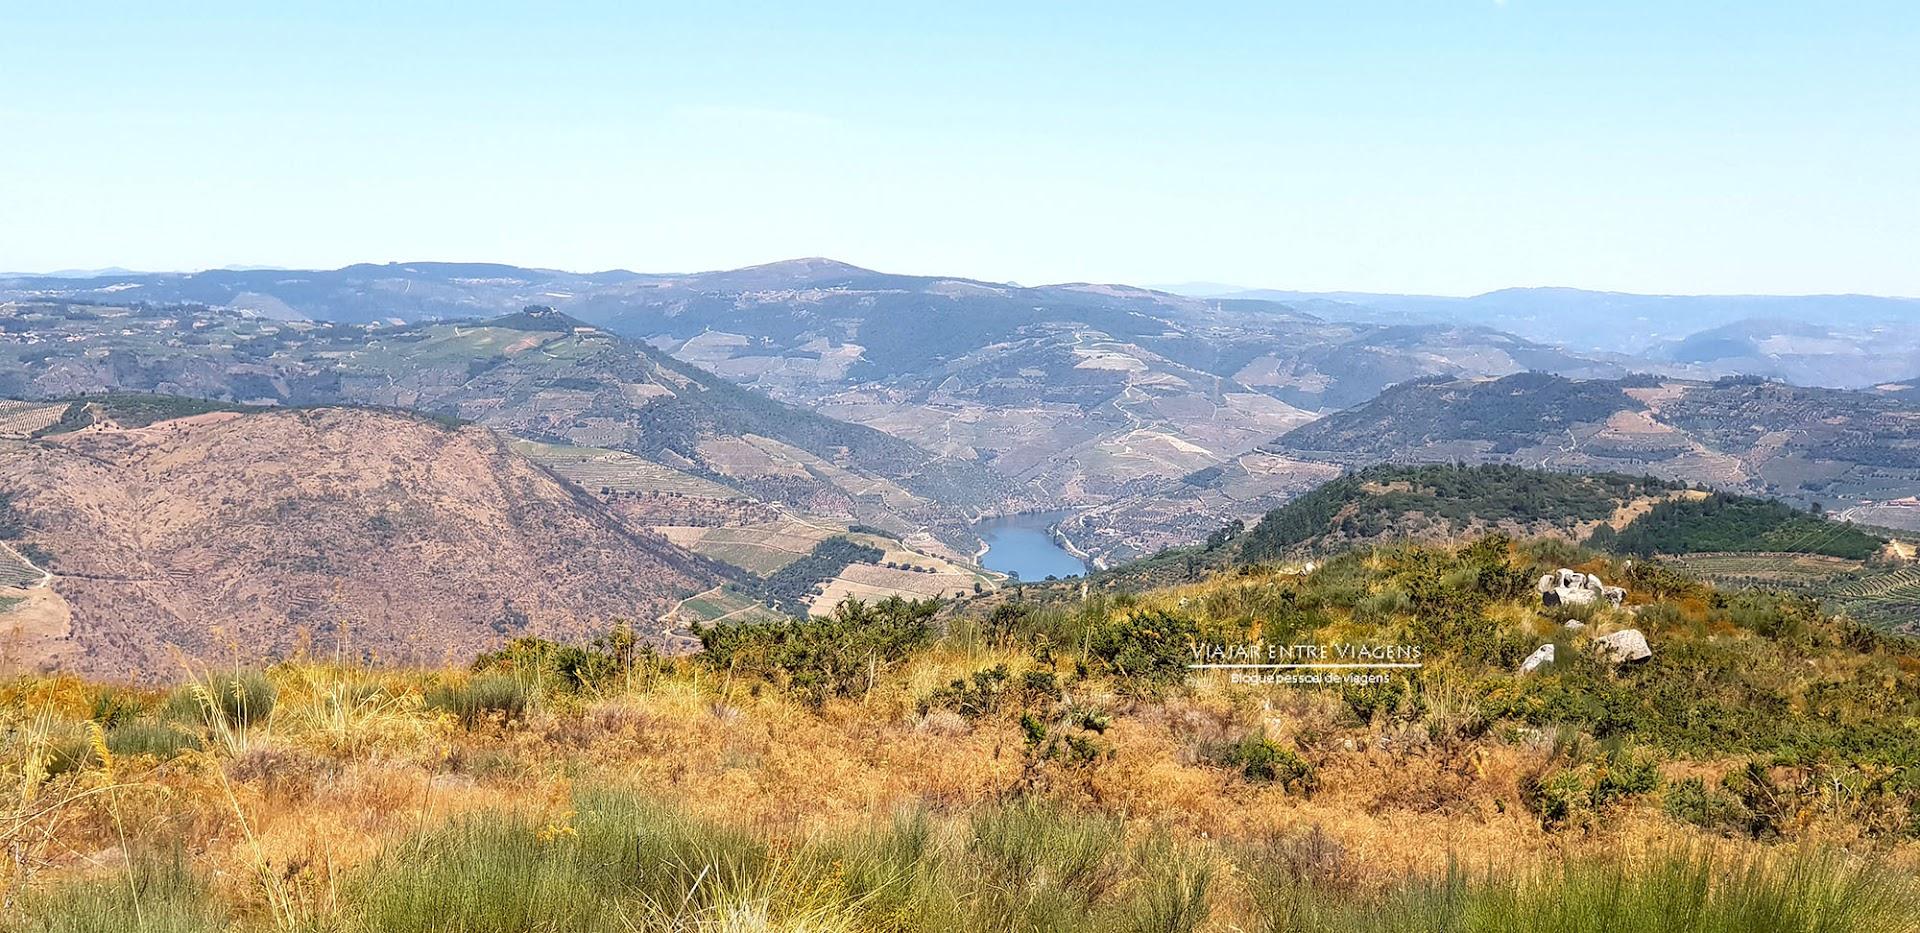 VISITAR A RÉGUA | As melhores dicas para conhecer o Douro Vinhateiro na região da Régua